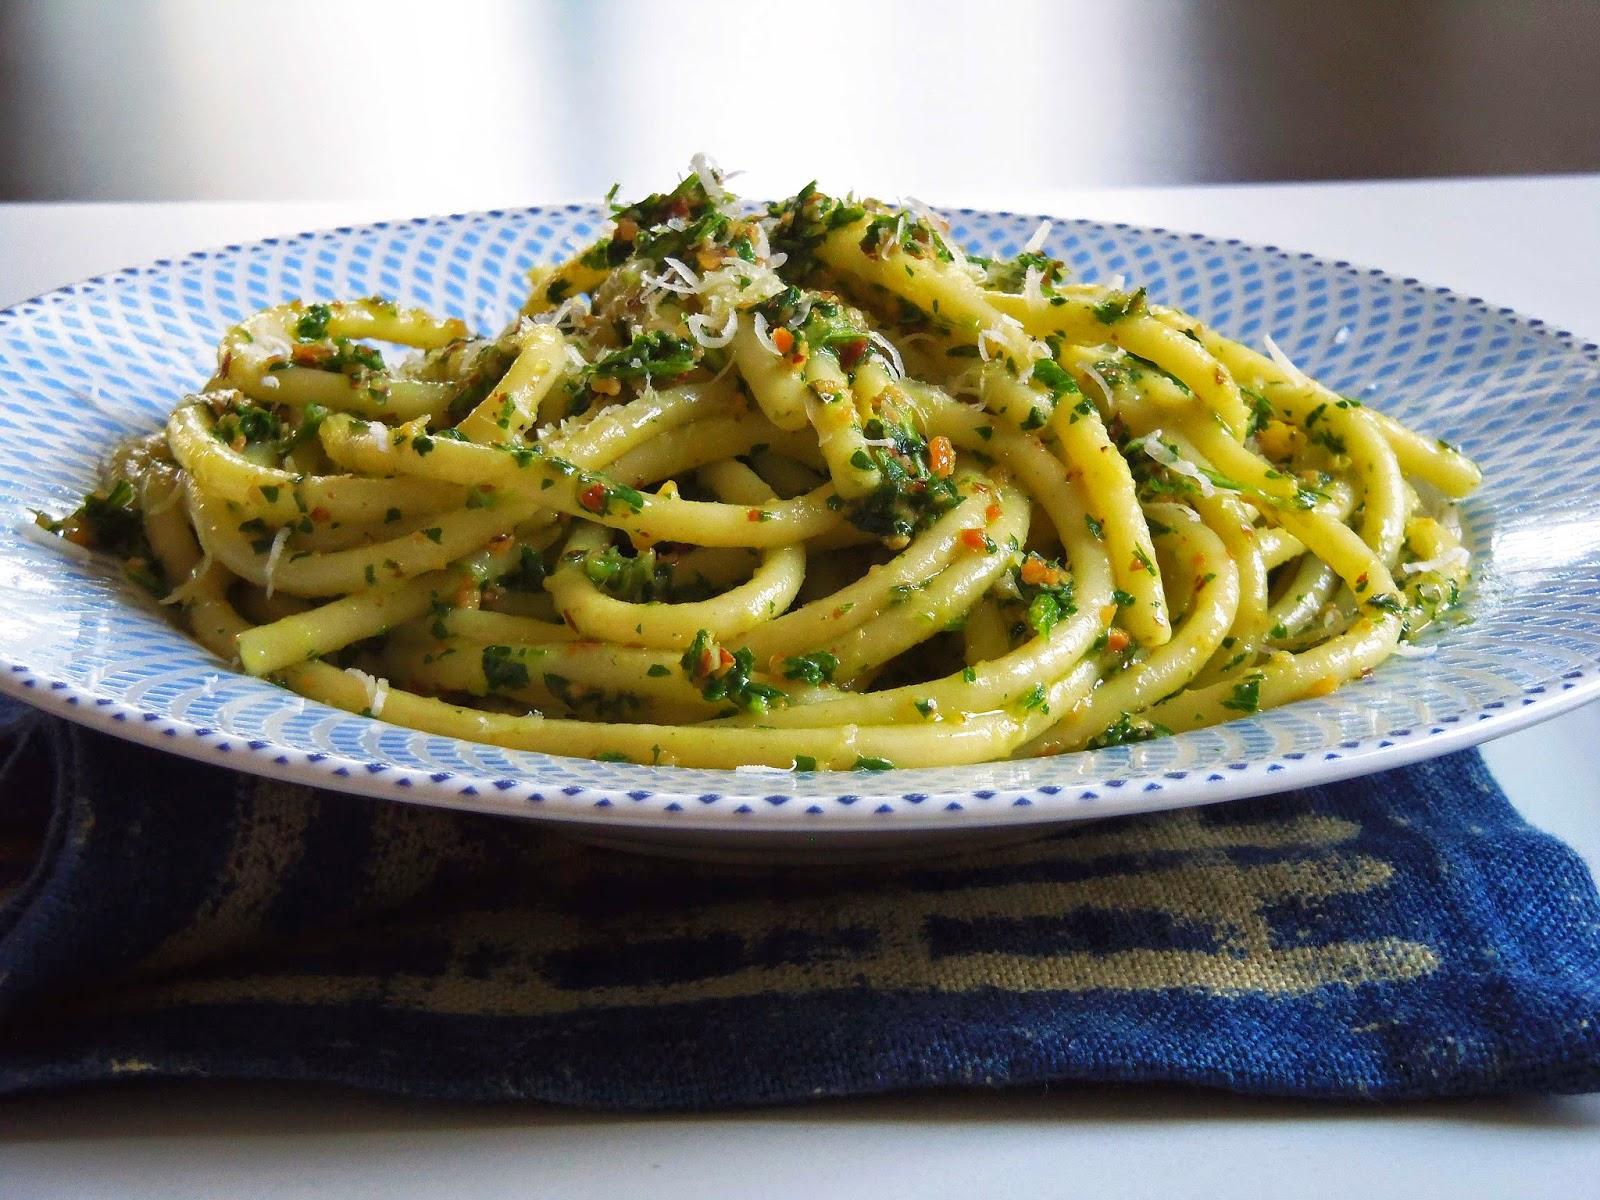 ... parsley pesto spaghetti with parsley pesto and sausage 5 ingredient